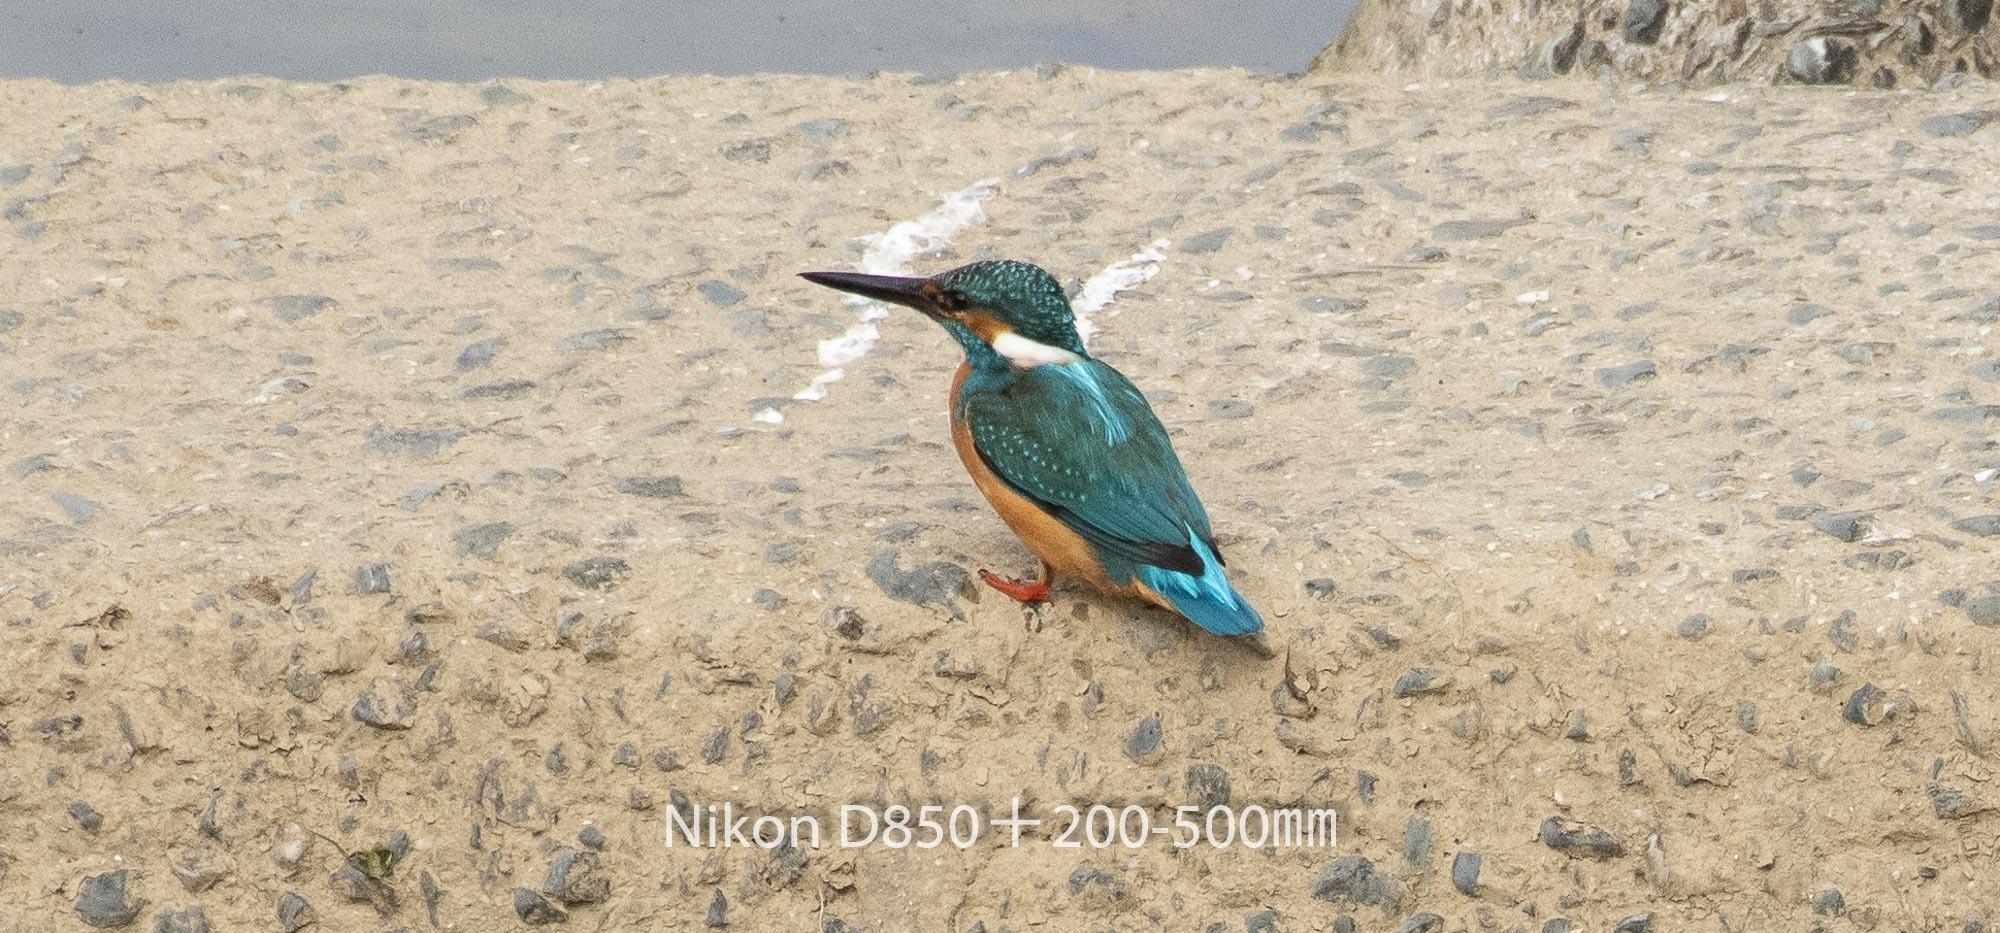 190401 カワセミ-06 NIKON D850 ISO 1000 500 mm 1939 x 905